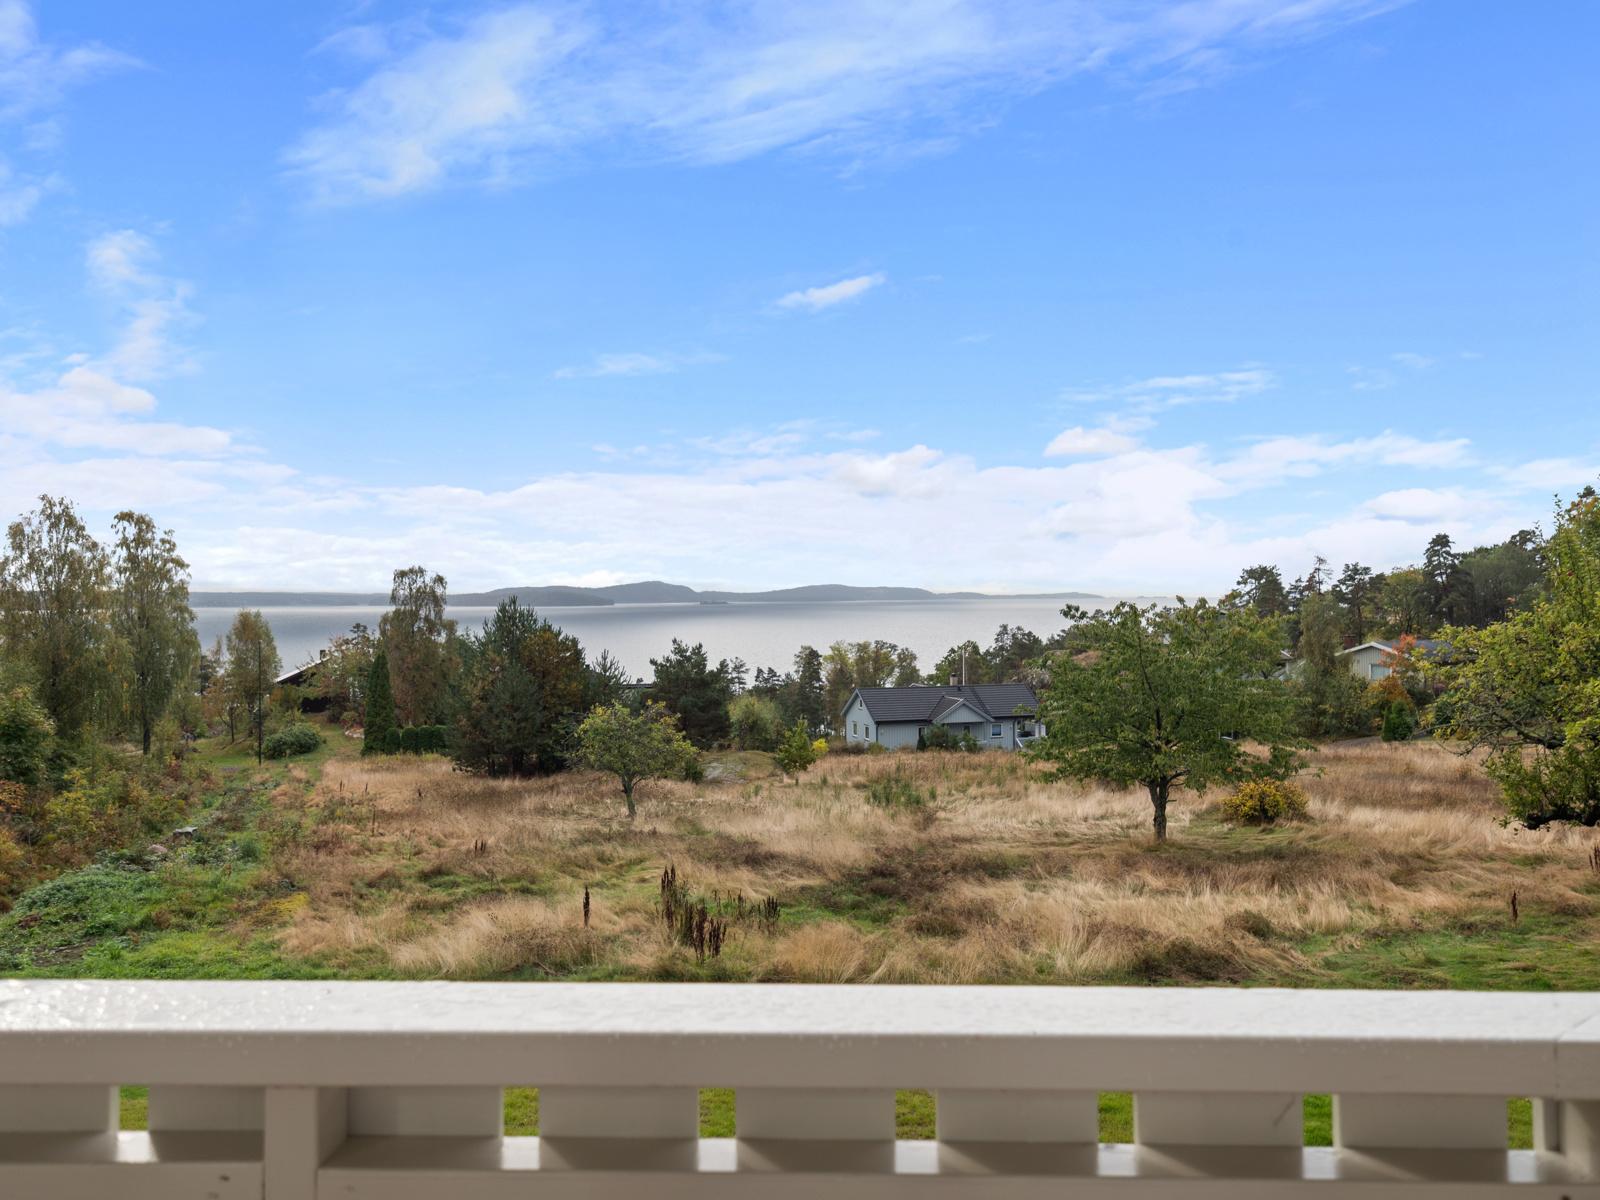 Flott utsikt utover Oslofjorden